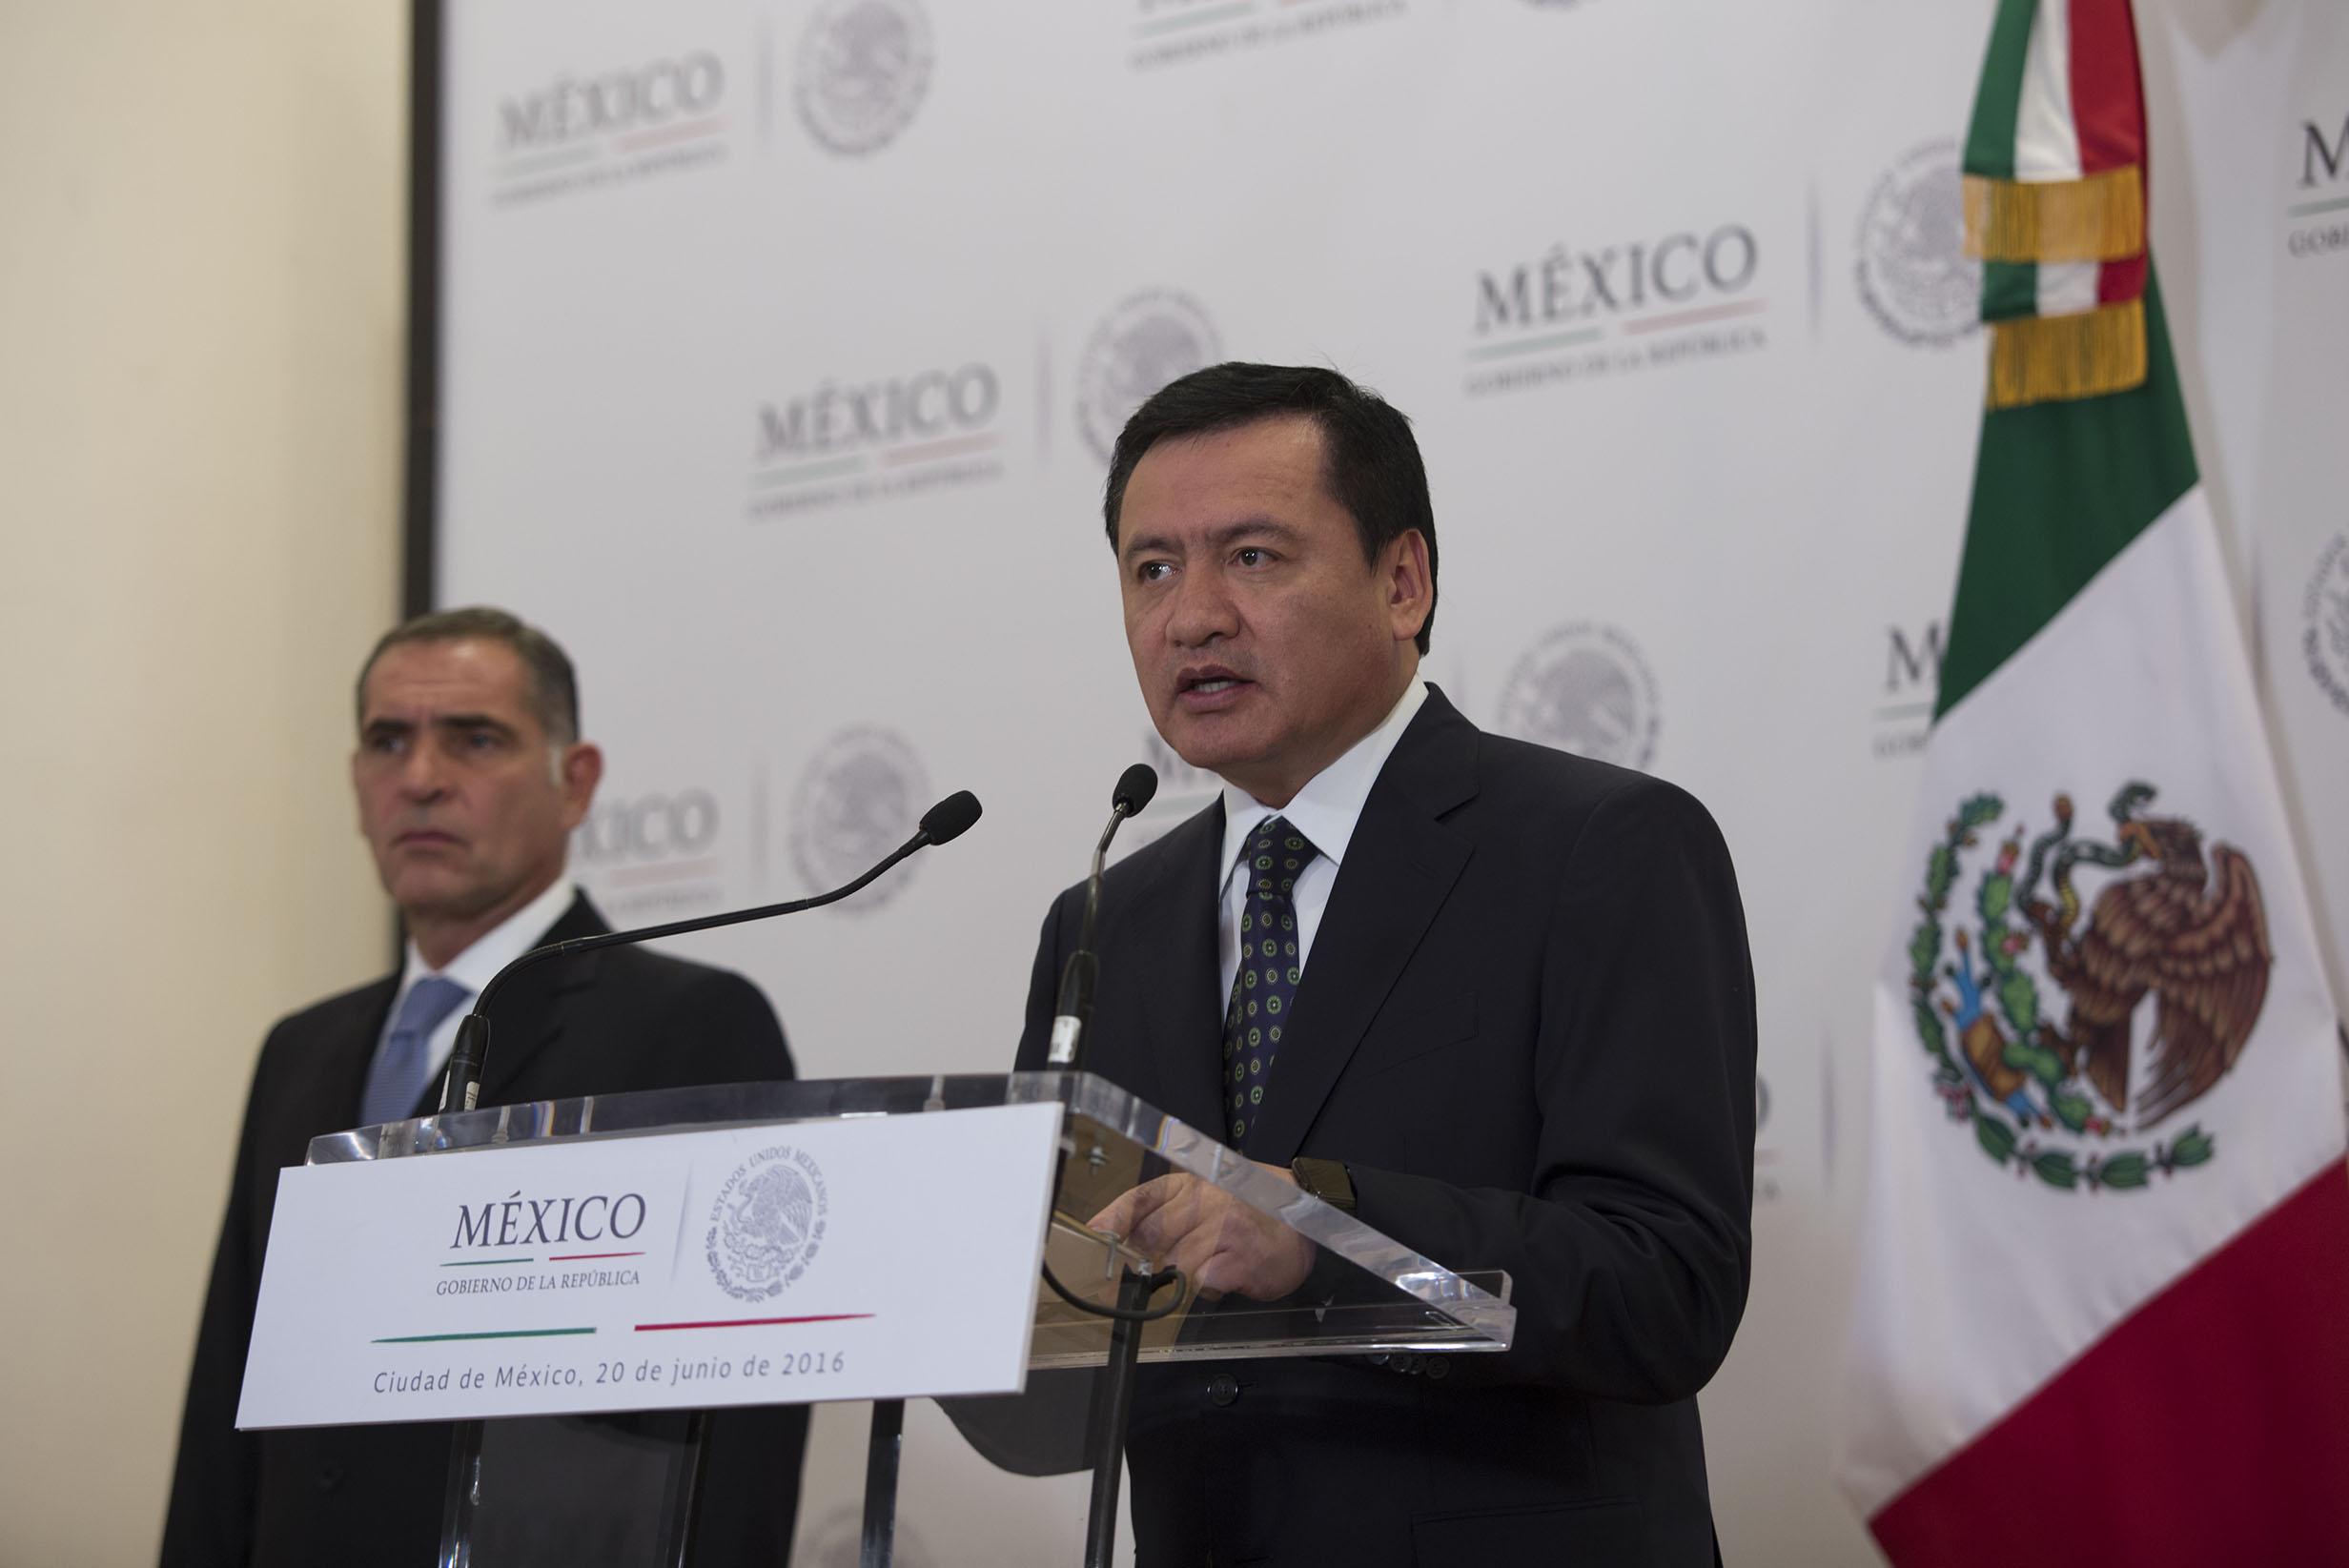 El Secretario de Gobernación Miguel Ángel Osorio Chong al fondo el Gobernador de Oaxaca Gabino Cue